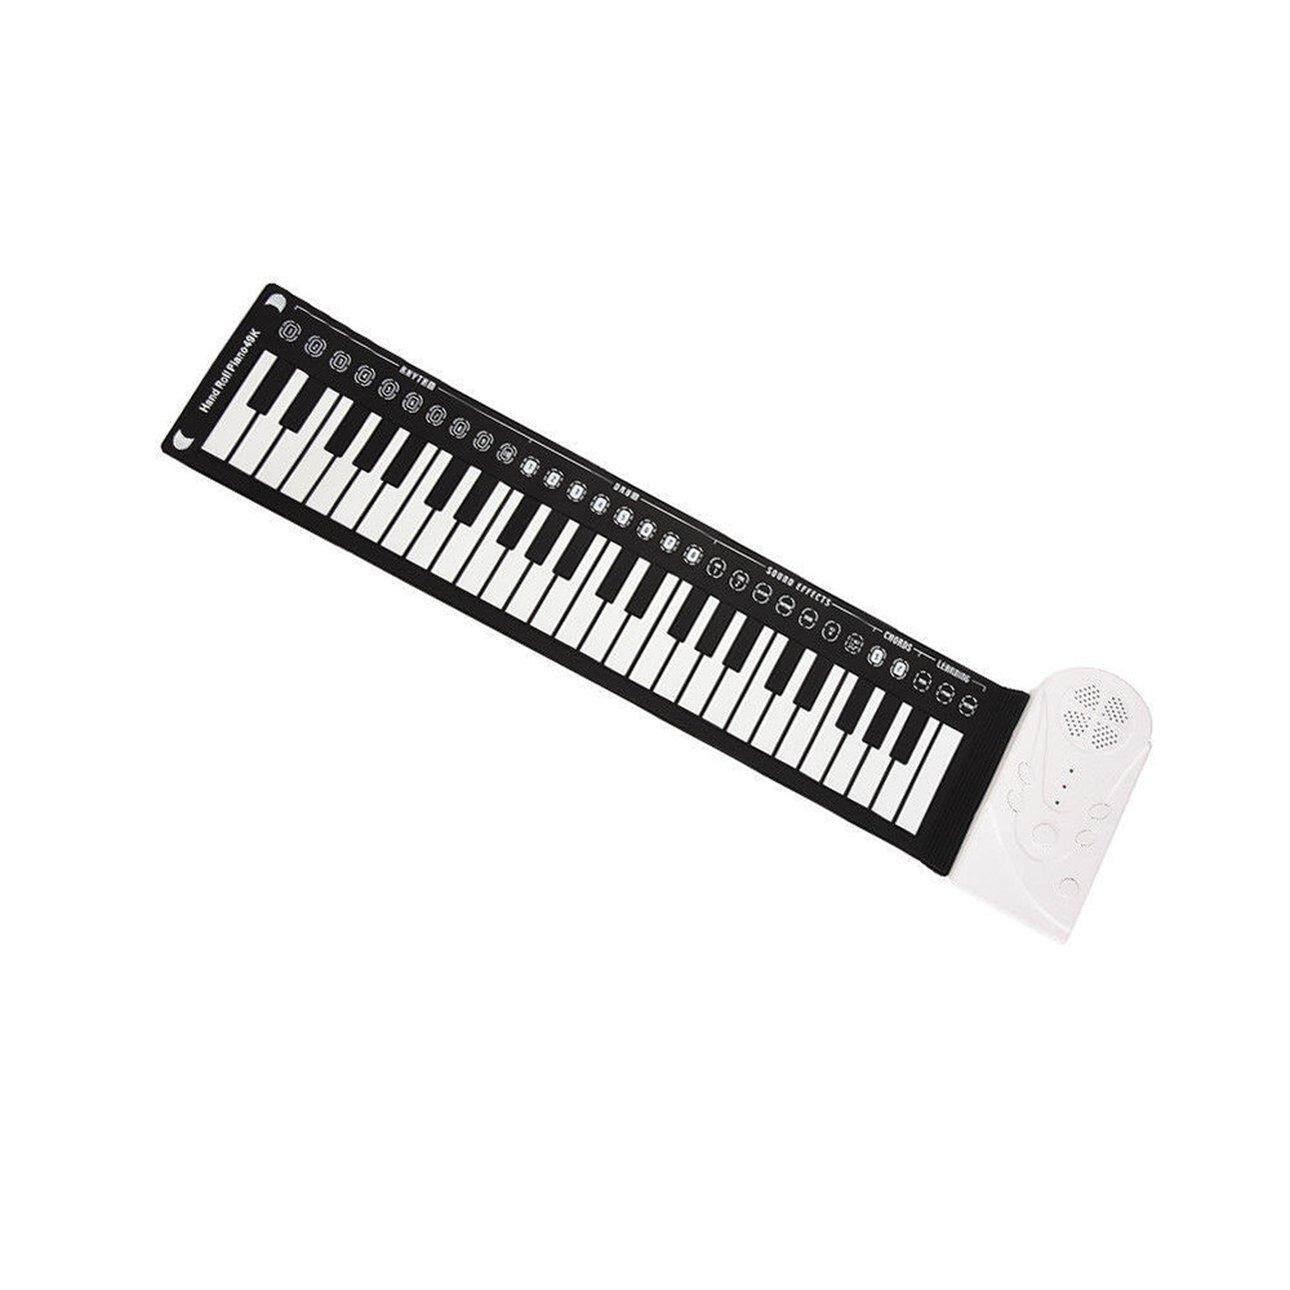 Bán Chạy nhất 49 Phím Có Sừng Đàn Piano Gấp Bàn Phím Trẻ Em Mới Bắt Đầu Học Piano Thực Hành